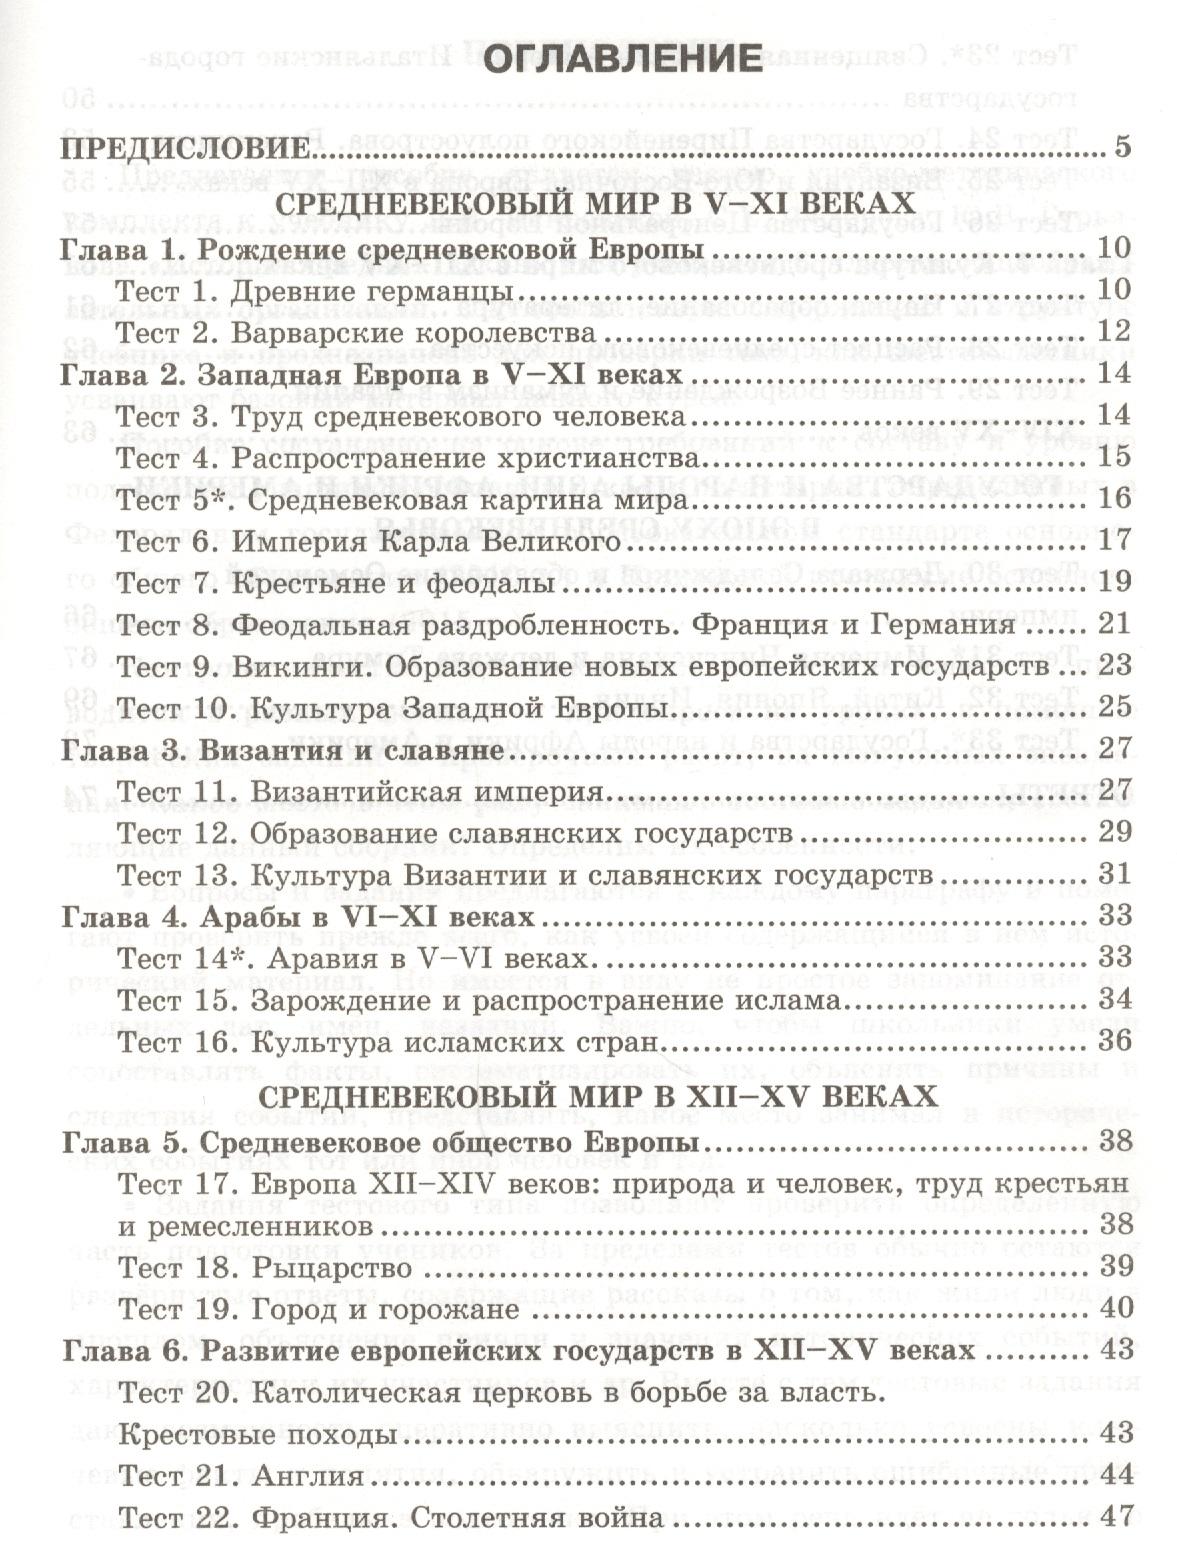 Полугодовые контрольные диктанты по русскому языку 8 класс григорьев